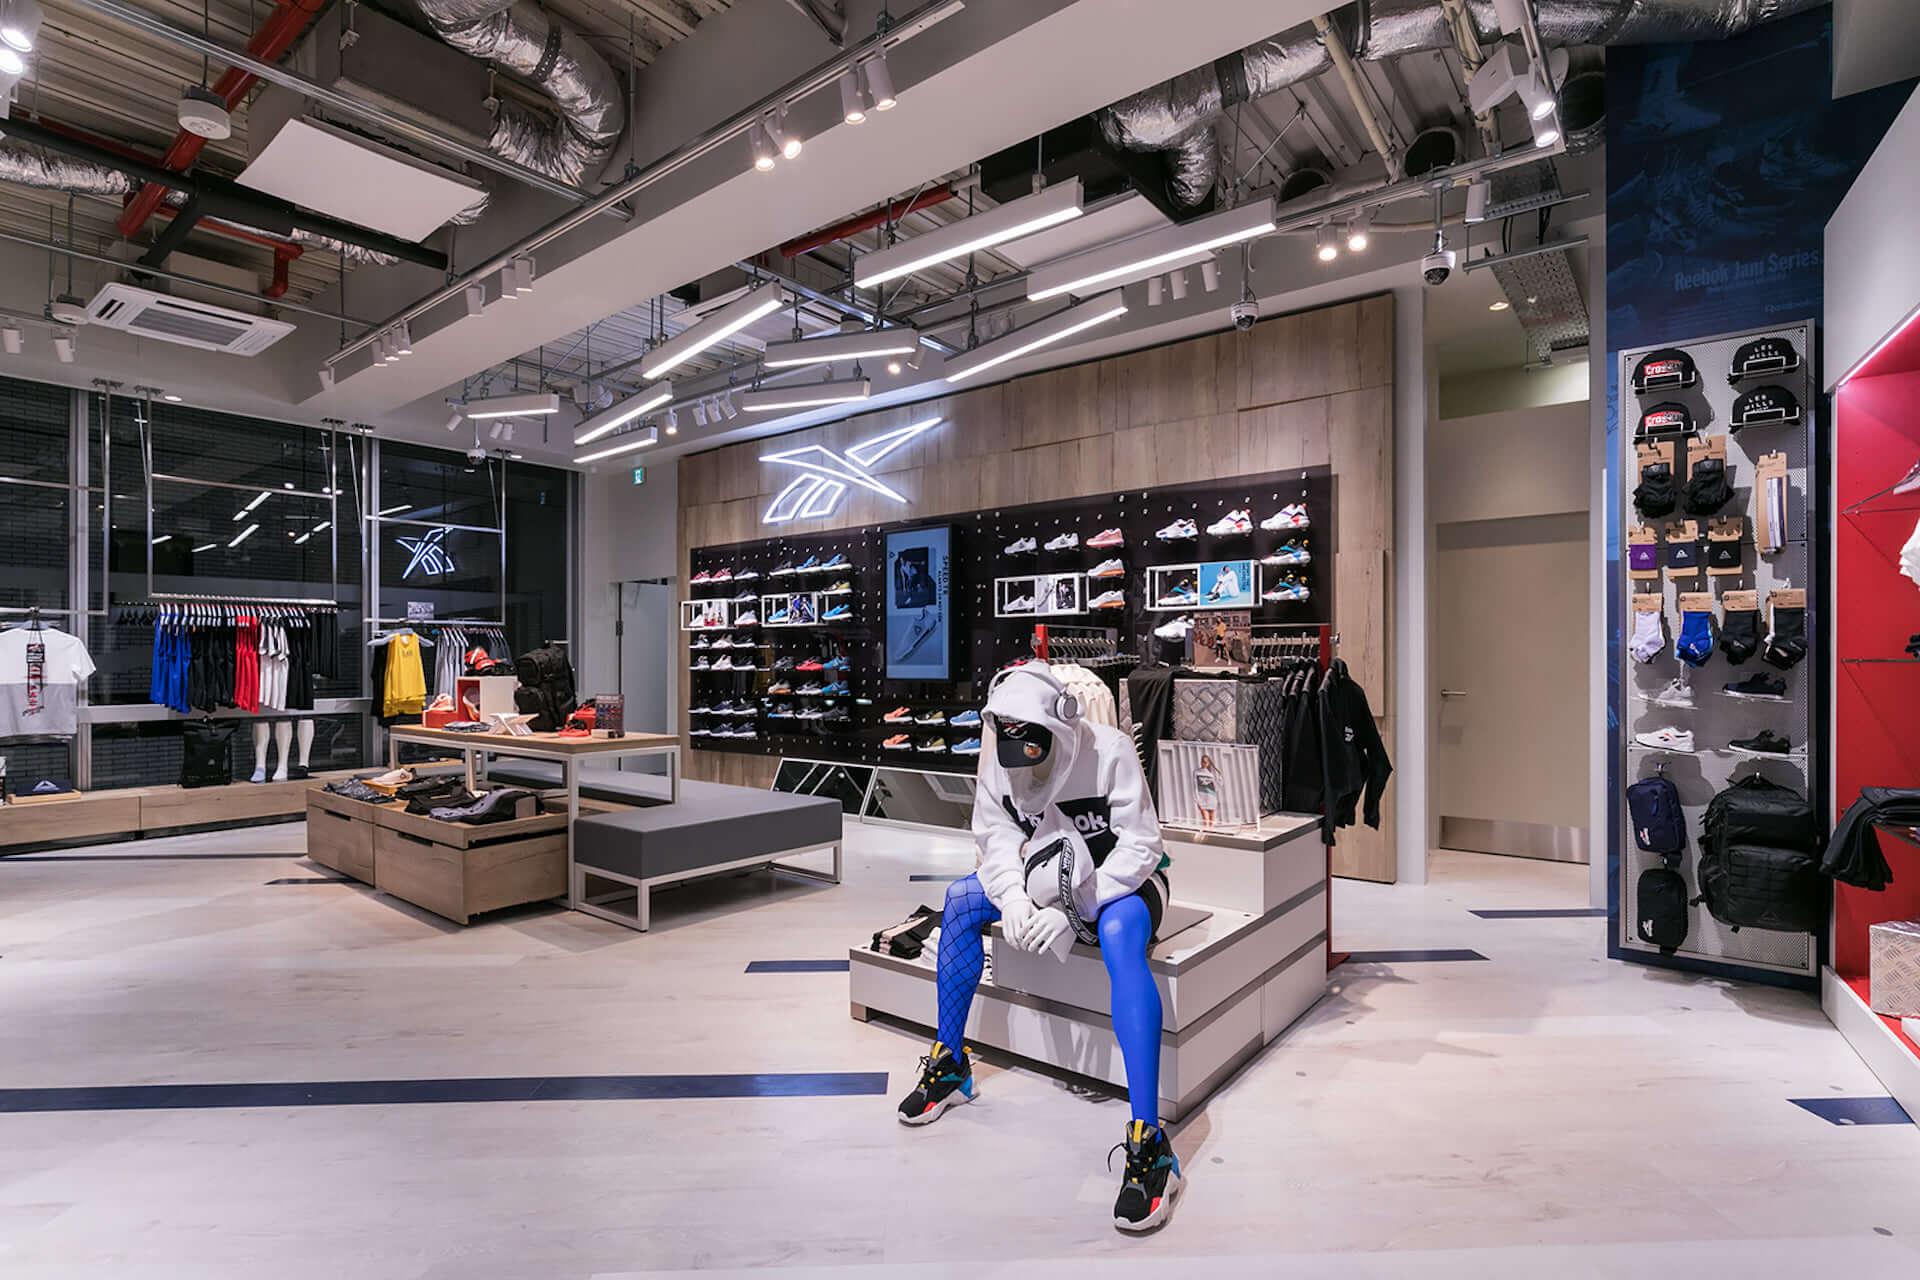 フィットネスとファッションを融合するReebok Store Shibuyaがオープン|スタイリングプロジェクト実施、限定アイテムも life190913_reebok_16-1920x1280